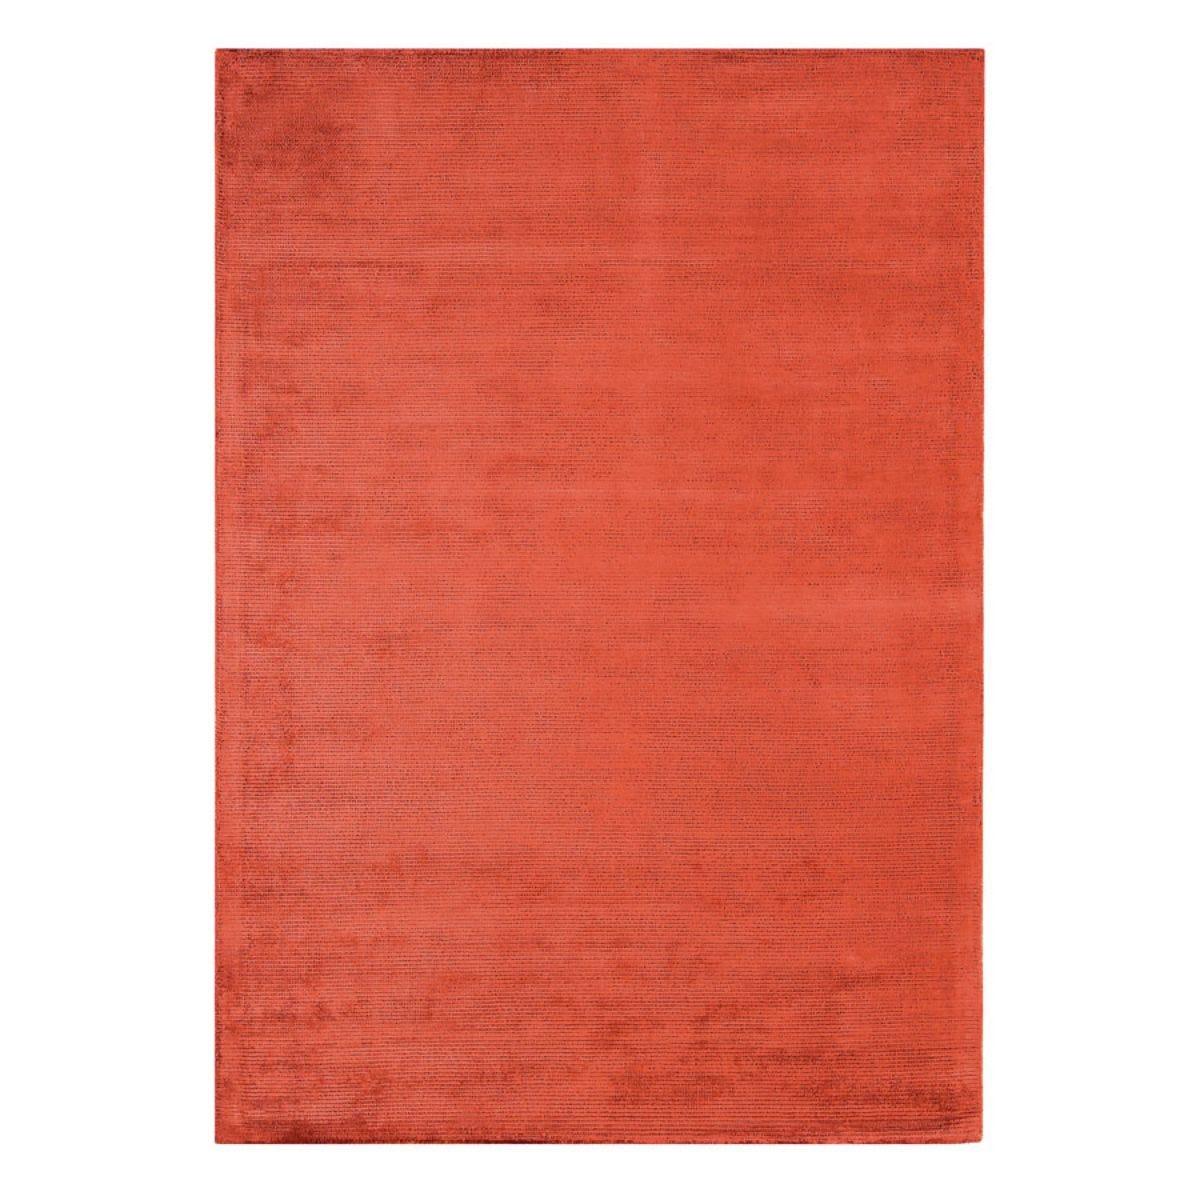 Asiatic Reko Rug - Red